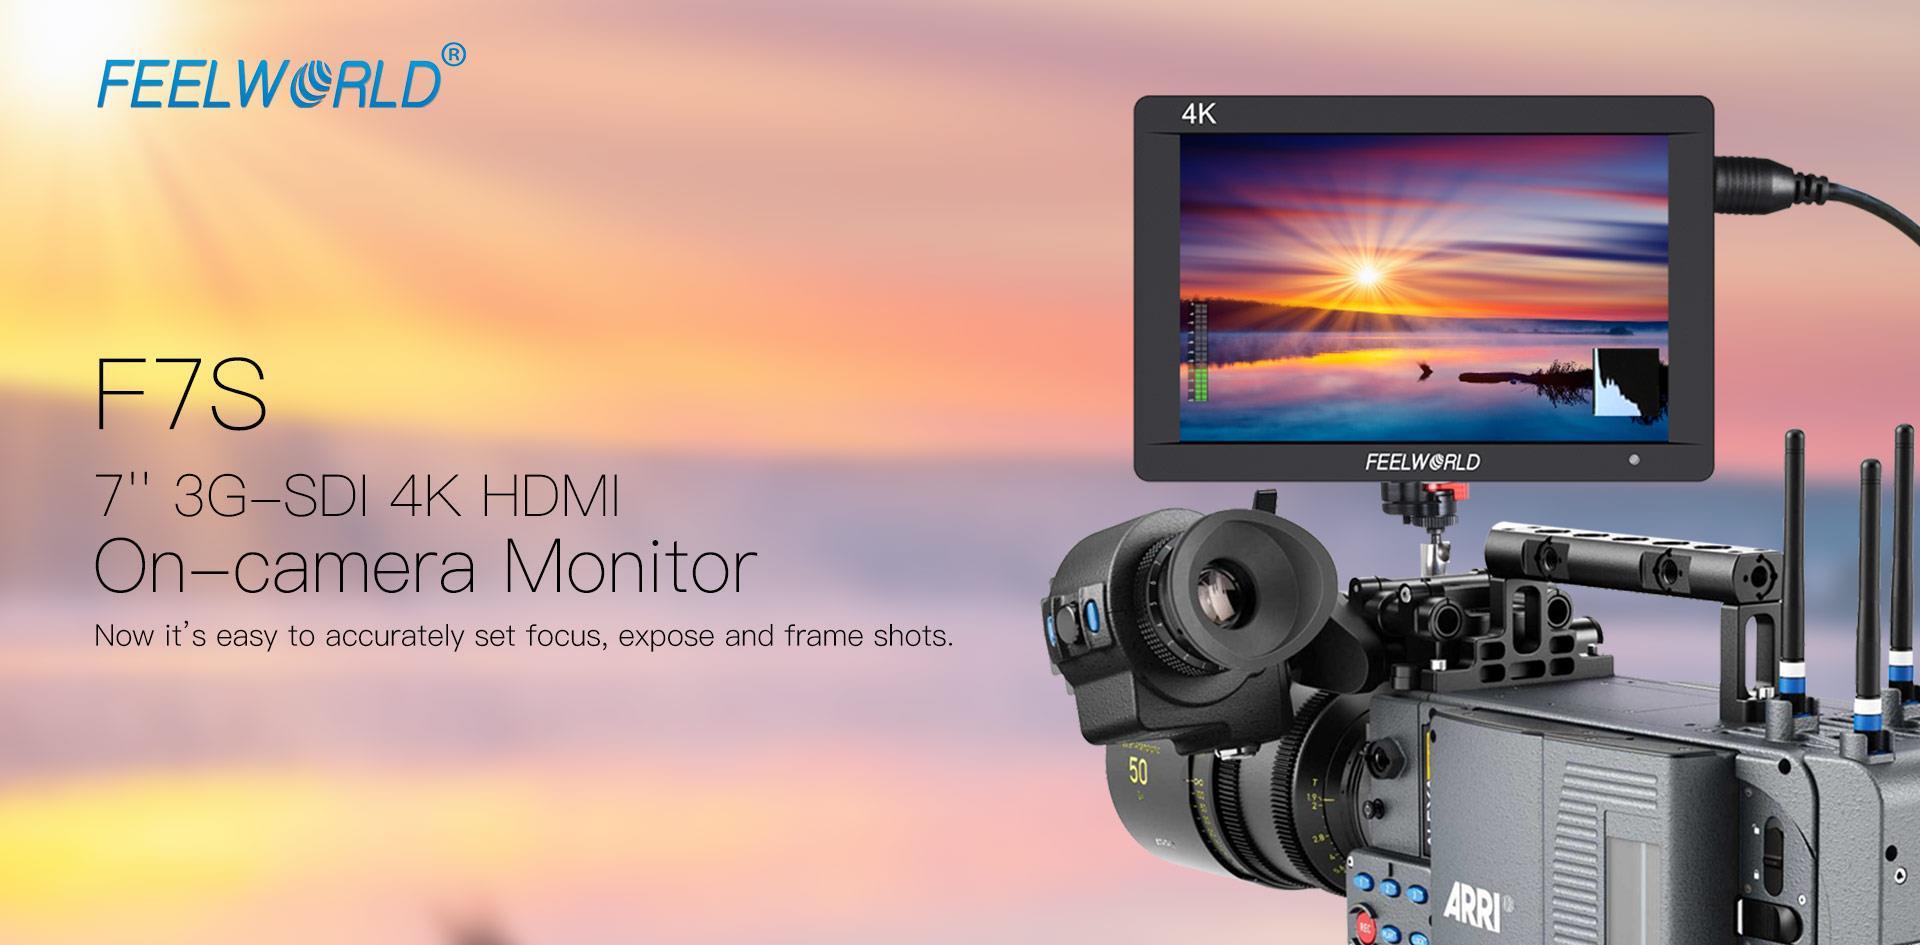 sdi-4k-monitor